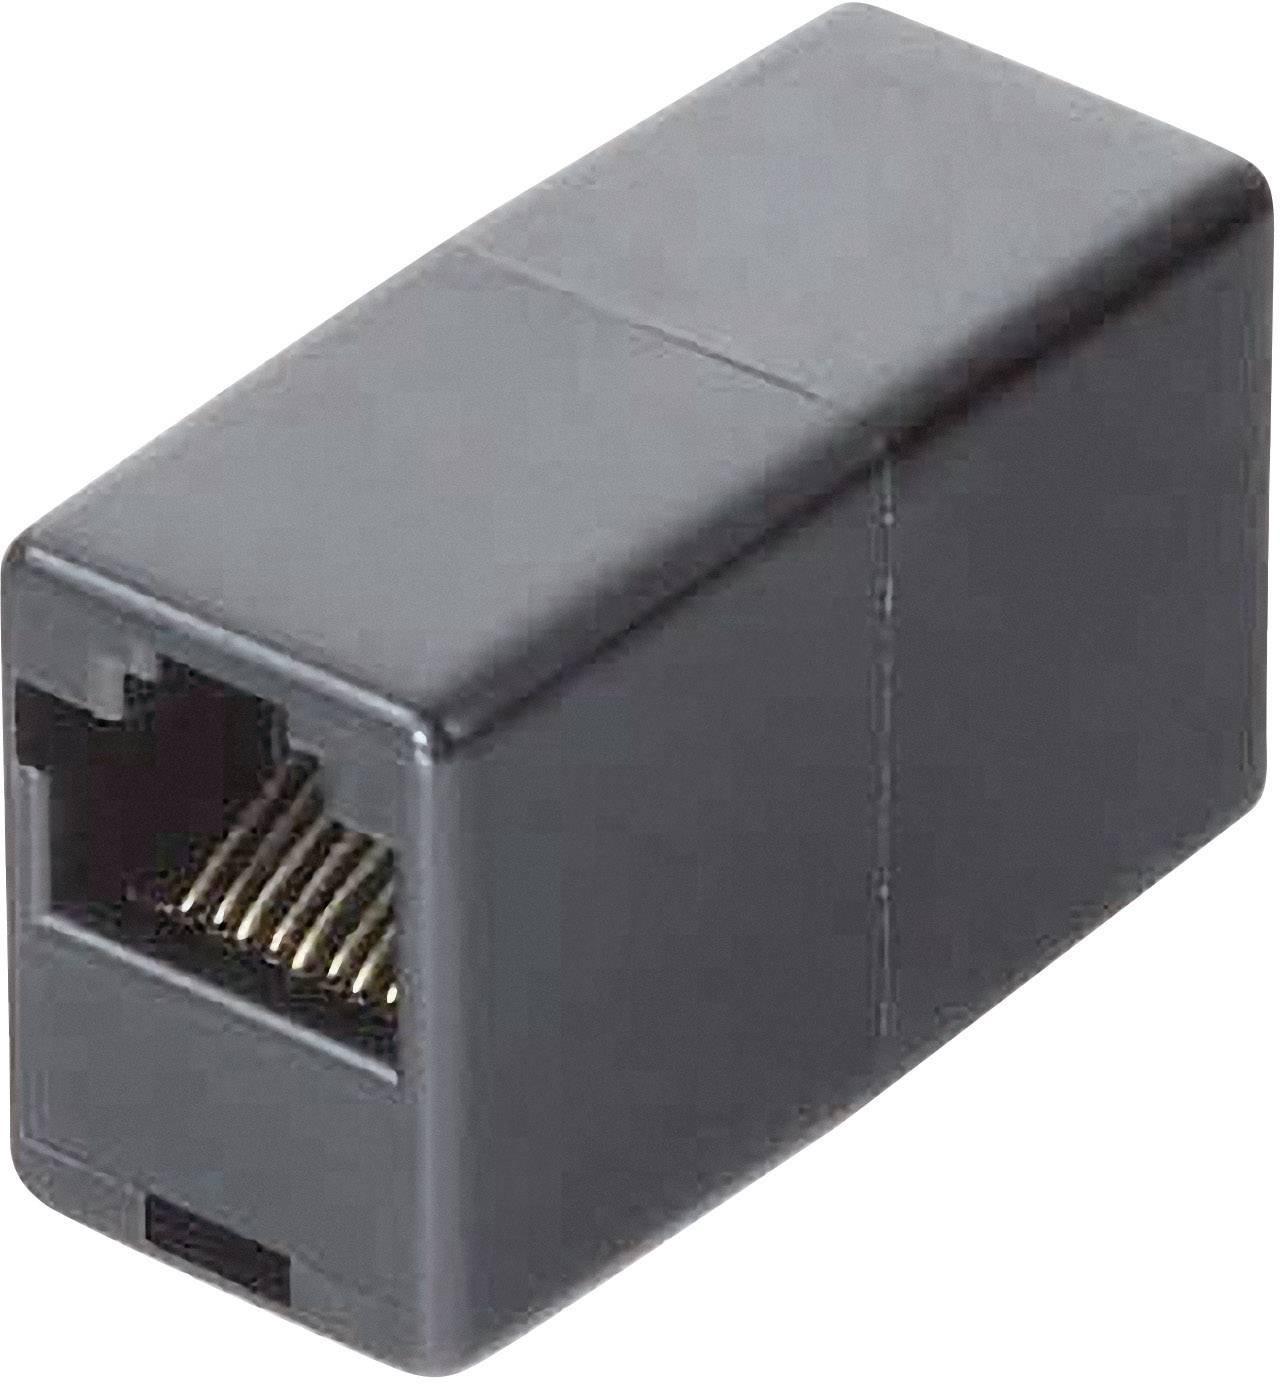 RJ45 adaptér Hama 44890, 0.10 m, černá